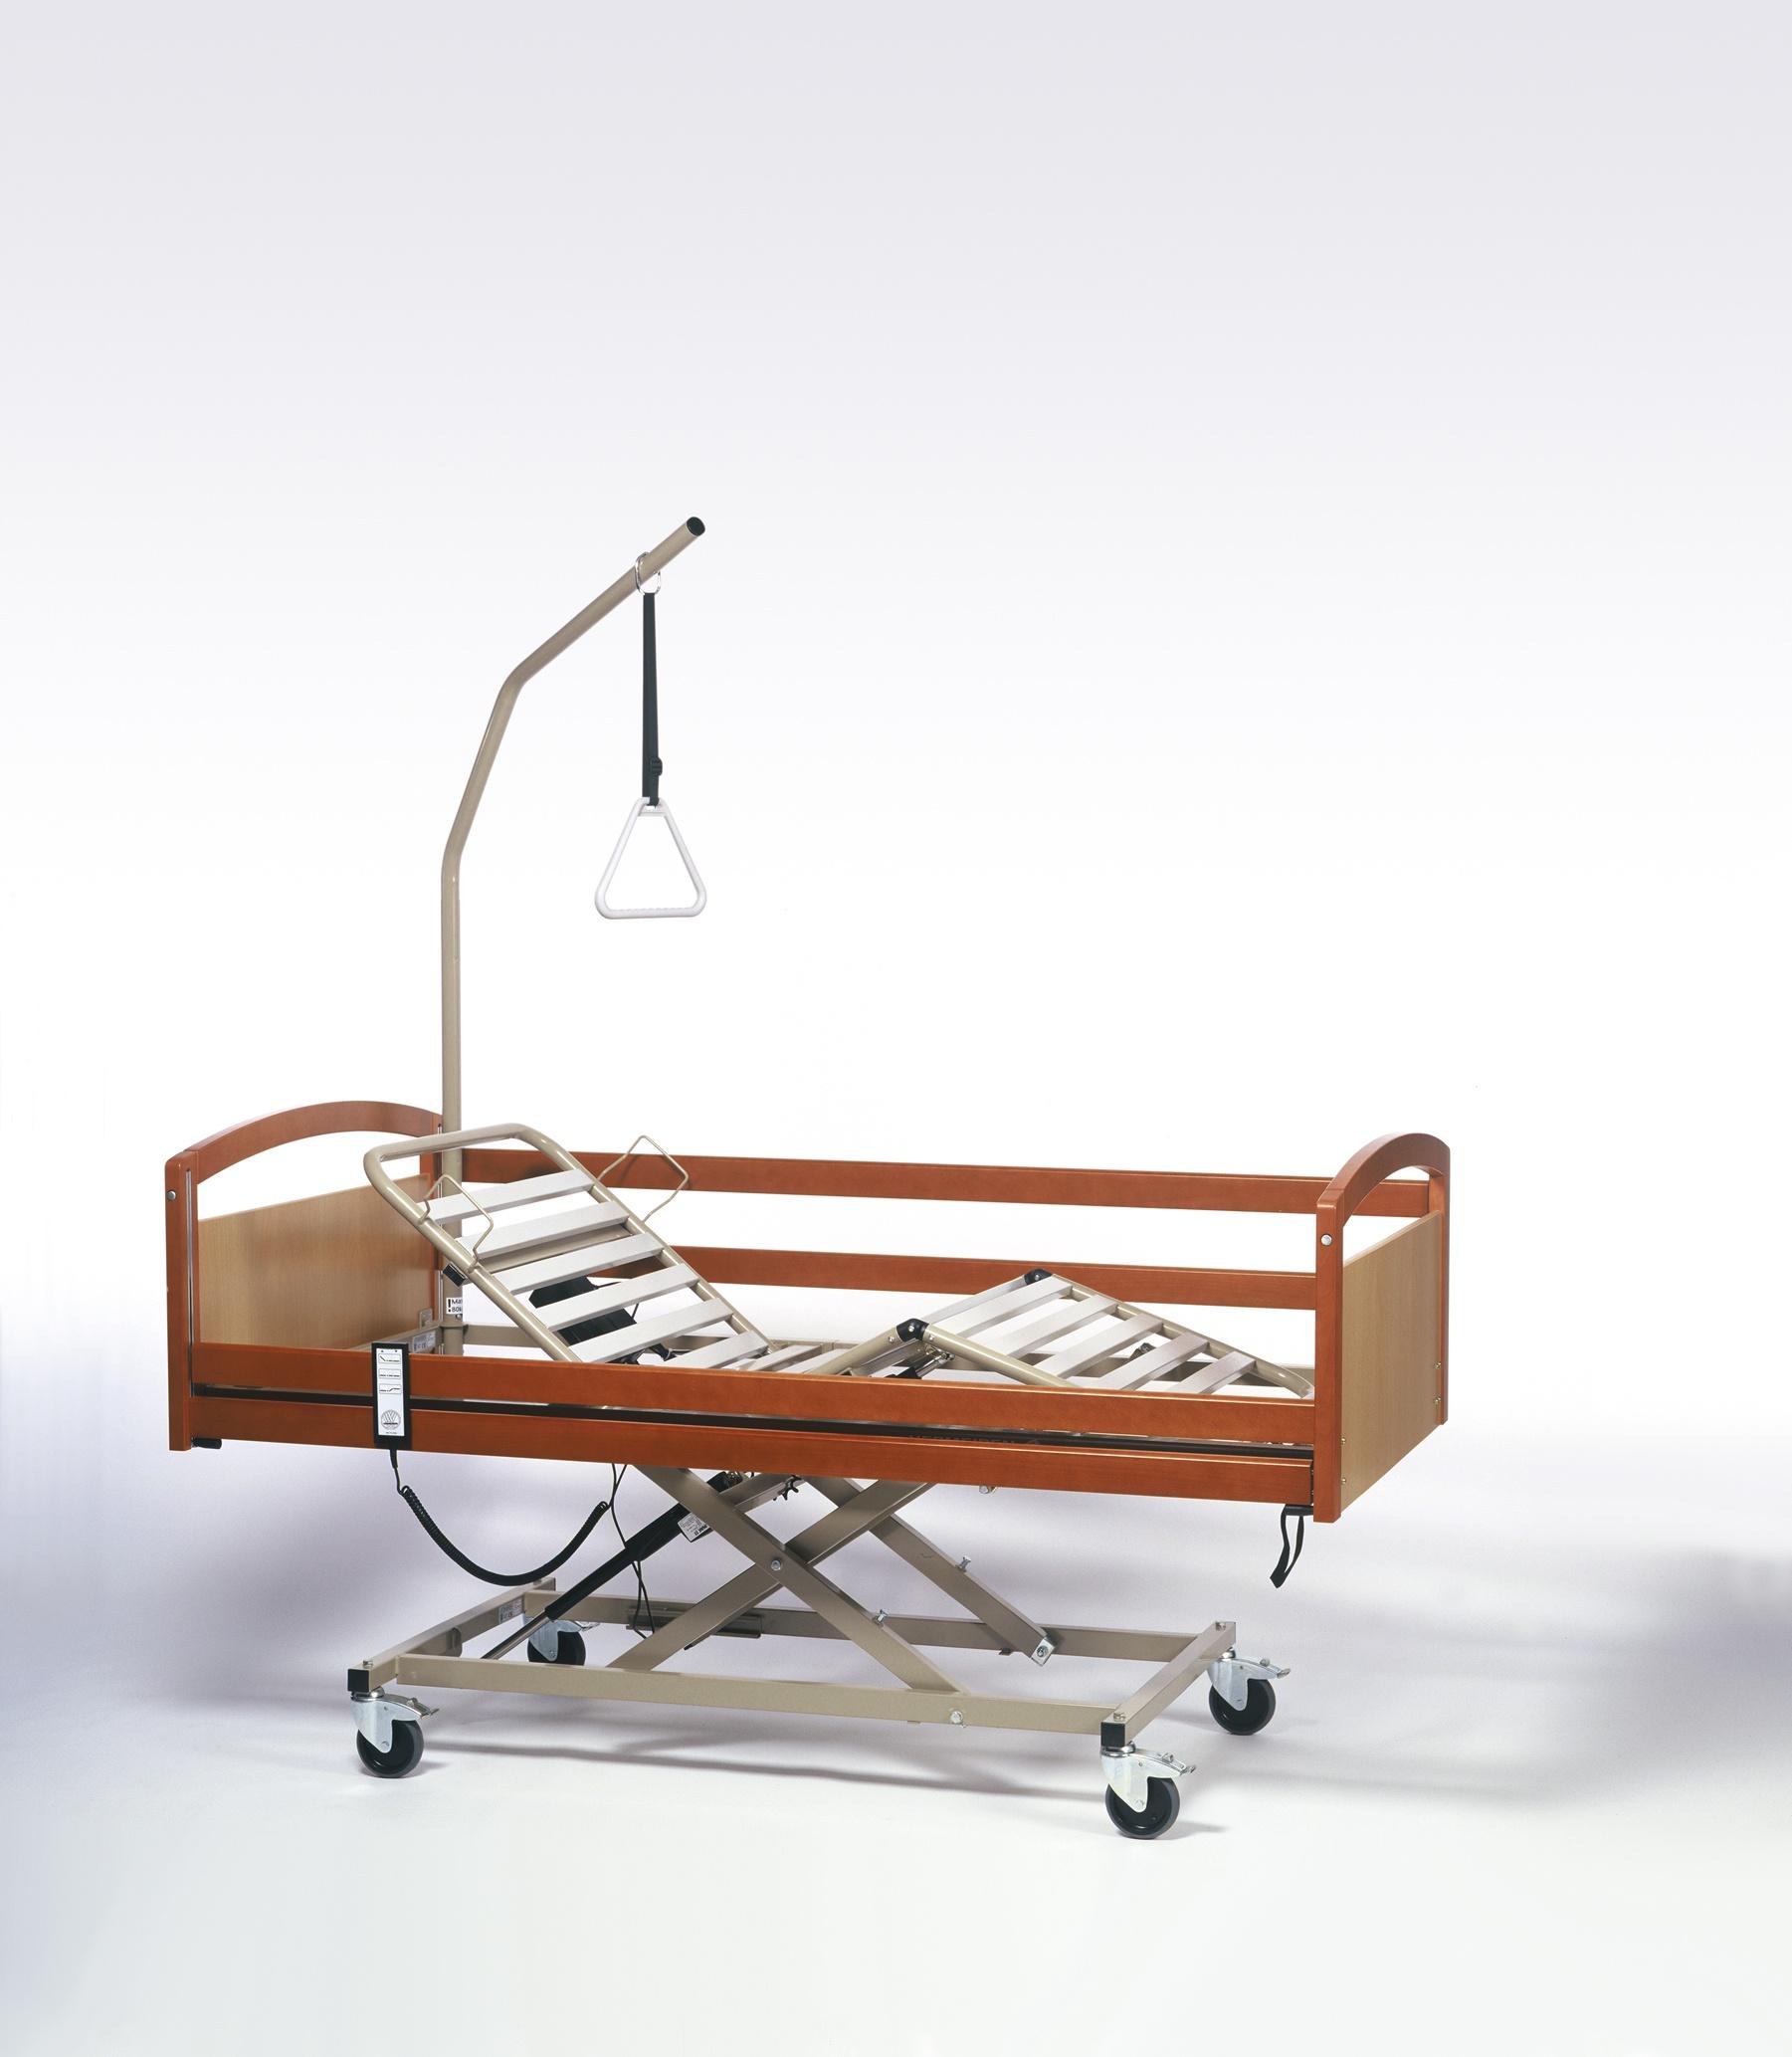 INTERVAL Łóżko rehabilitacyjne krzyżakowe